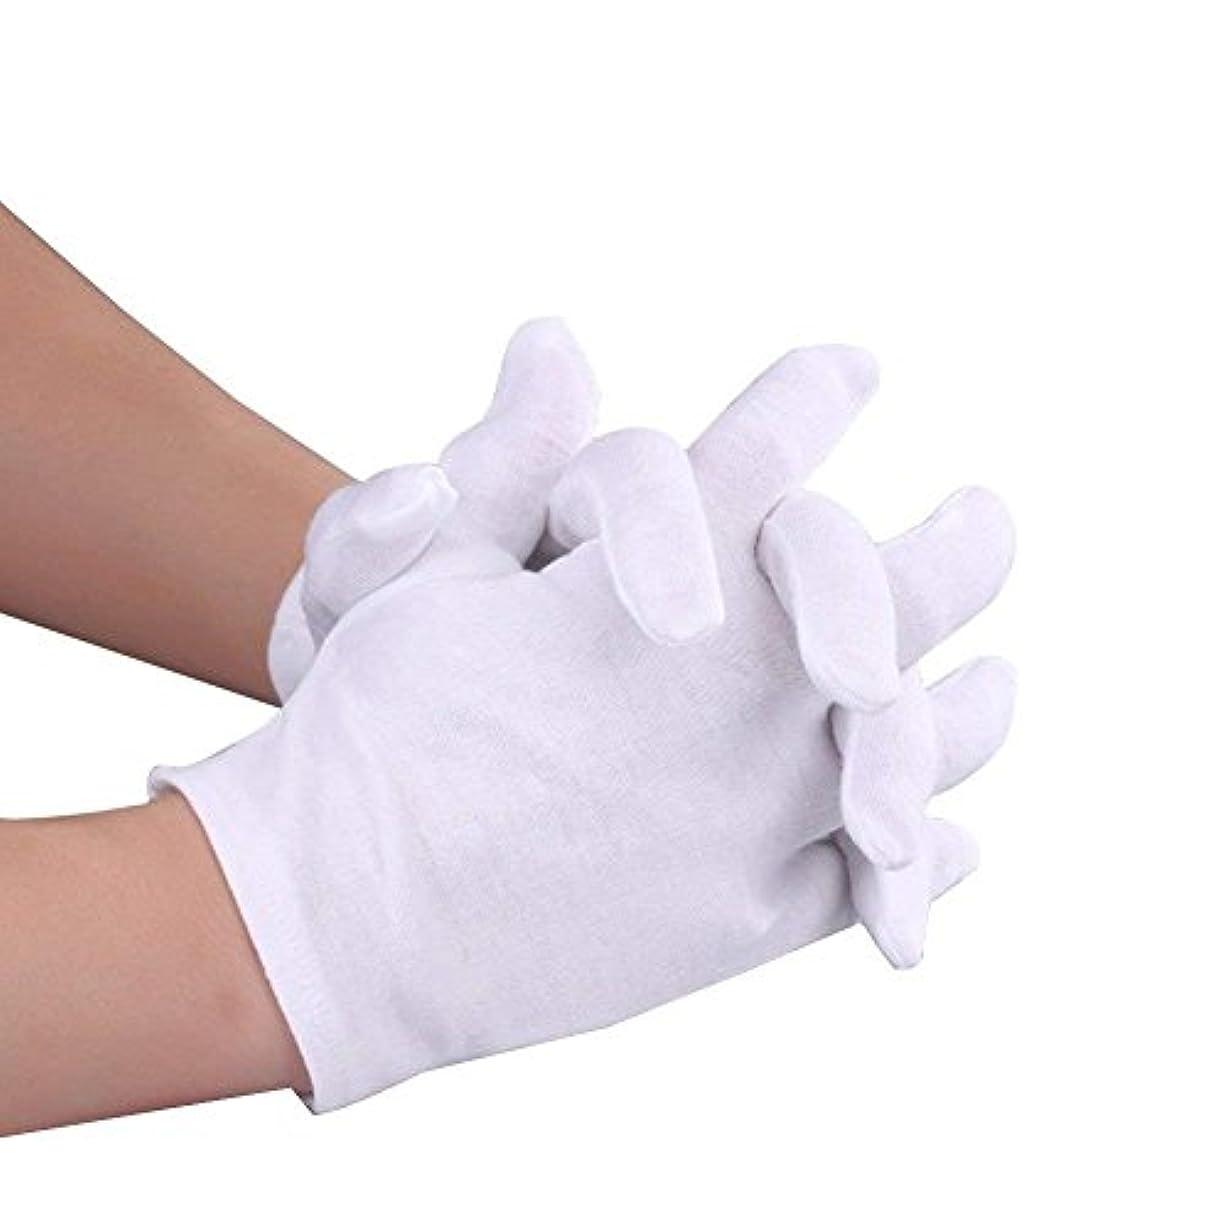 療法実業家保険Wolfride 15Pairs コットン手袋 綿手袋 インナーコットン手袋 ガーデニング用手袋 入り Sサイズ 湿疹用 乾燥肌用 保湿用 家事用 礼装用